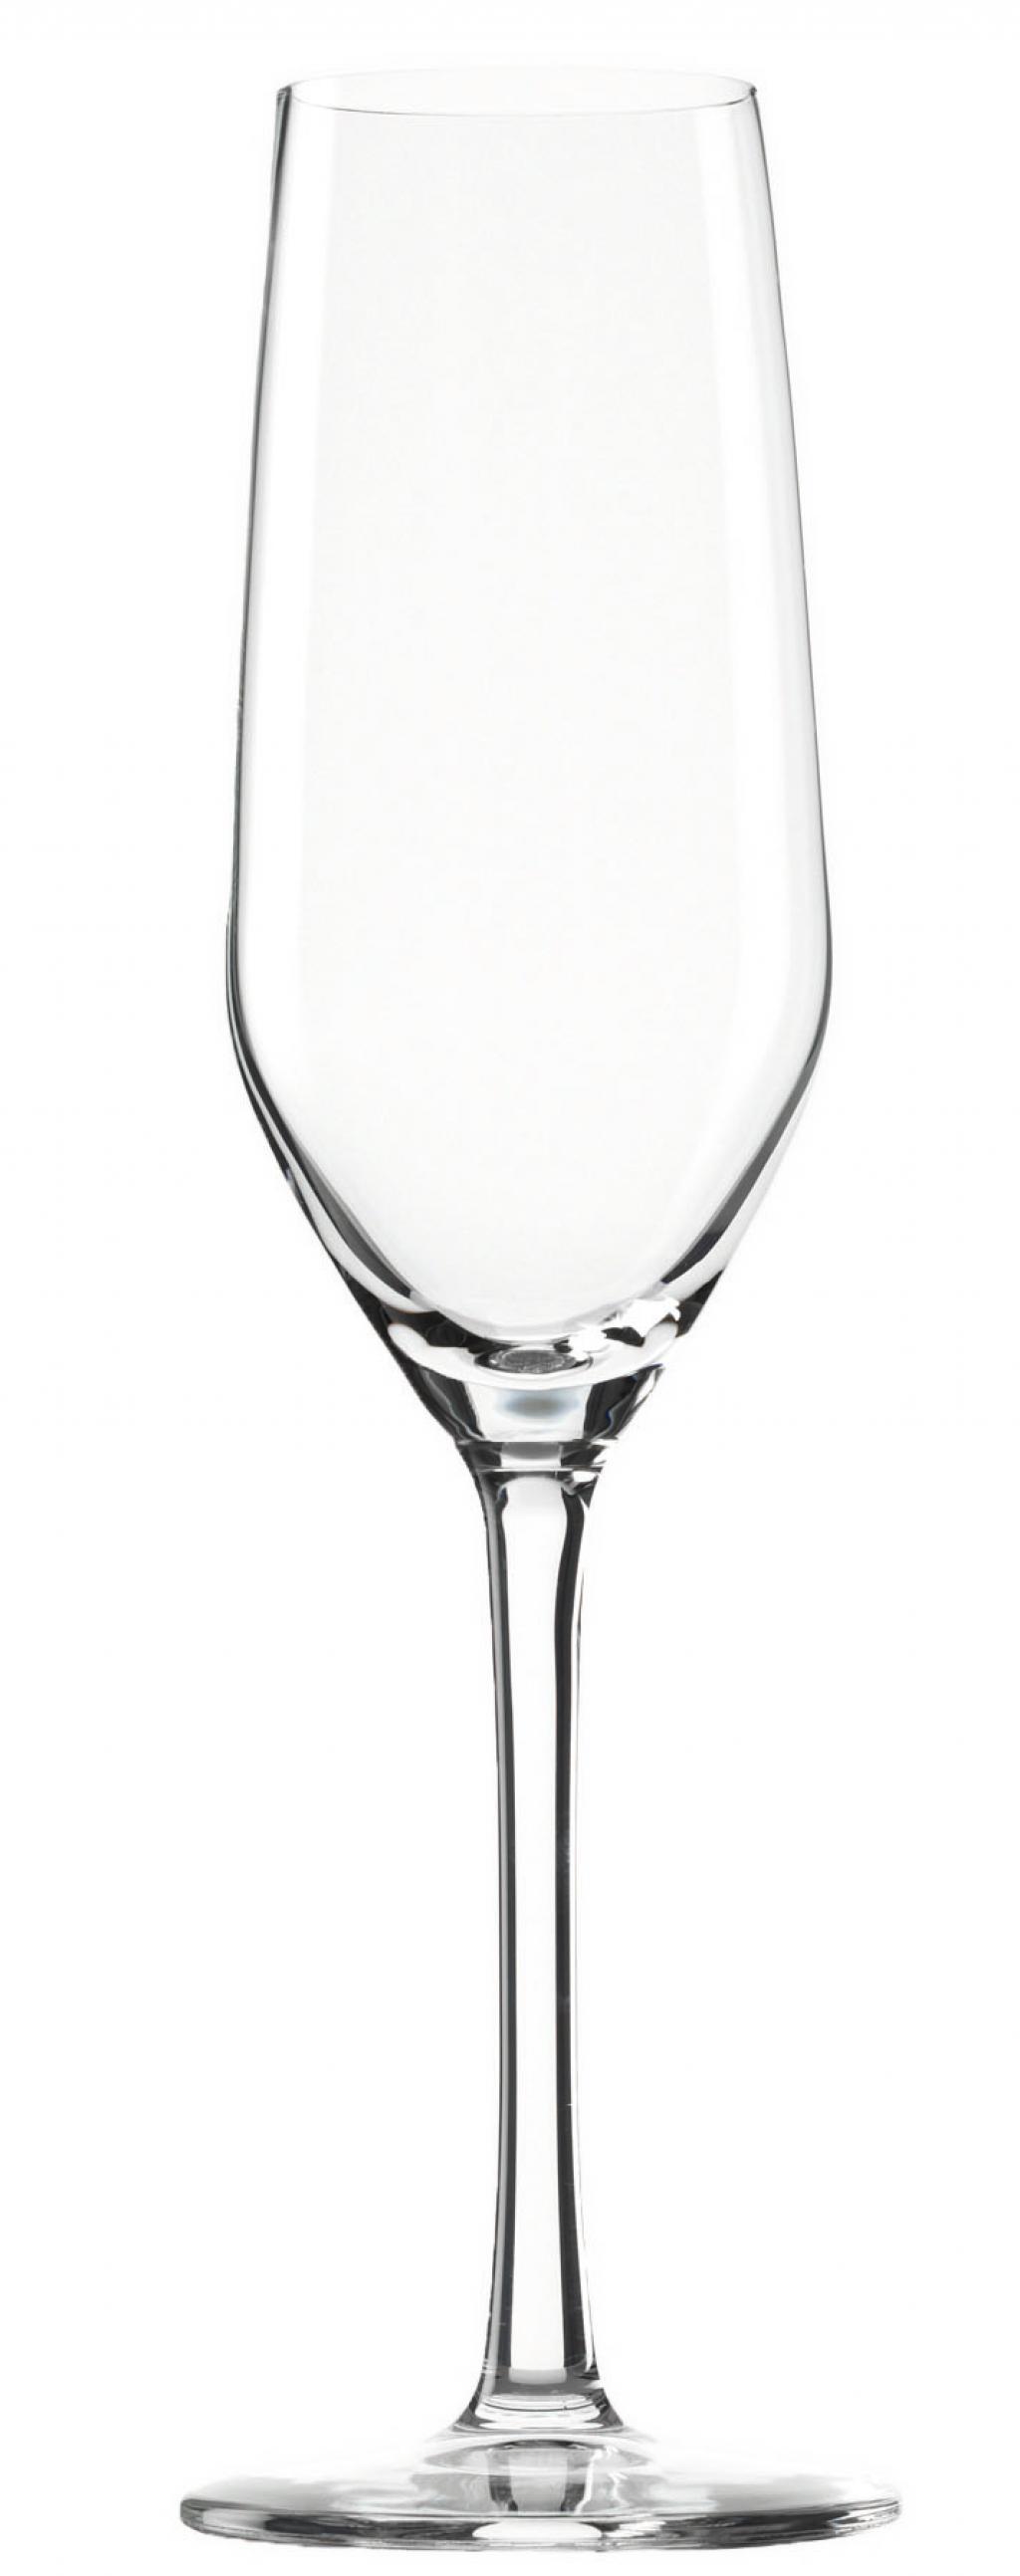 Copa de cava modelo gourmet 17 5cl exportcave for Copas de cristal